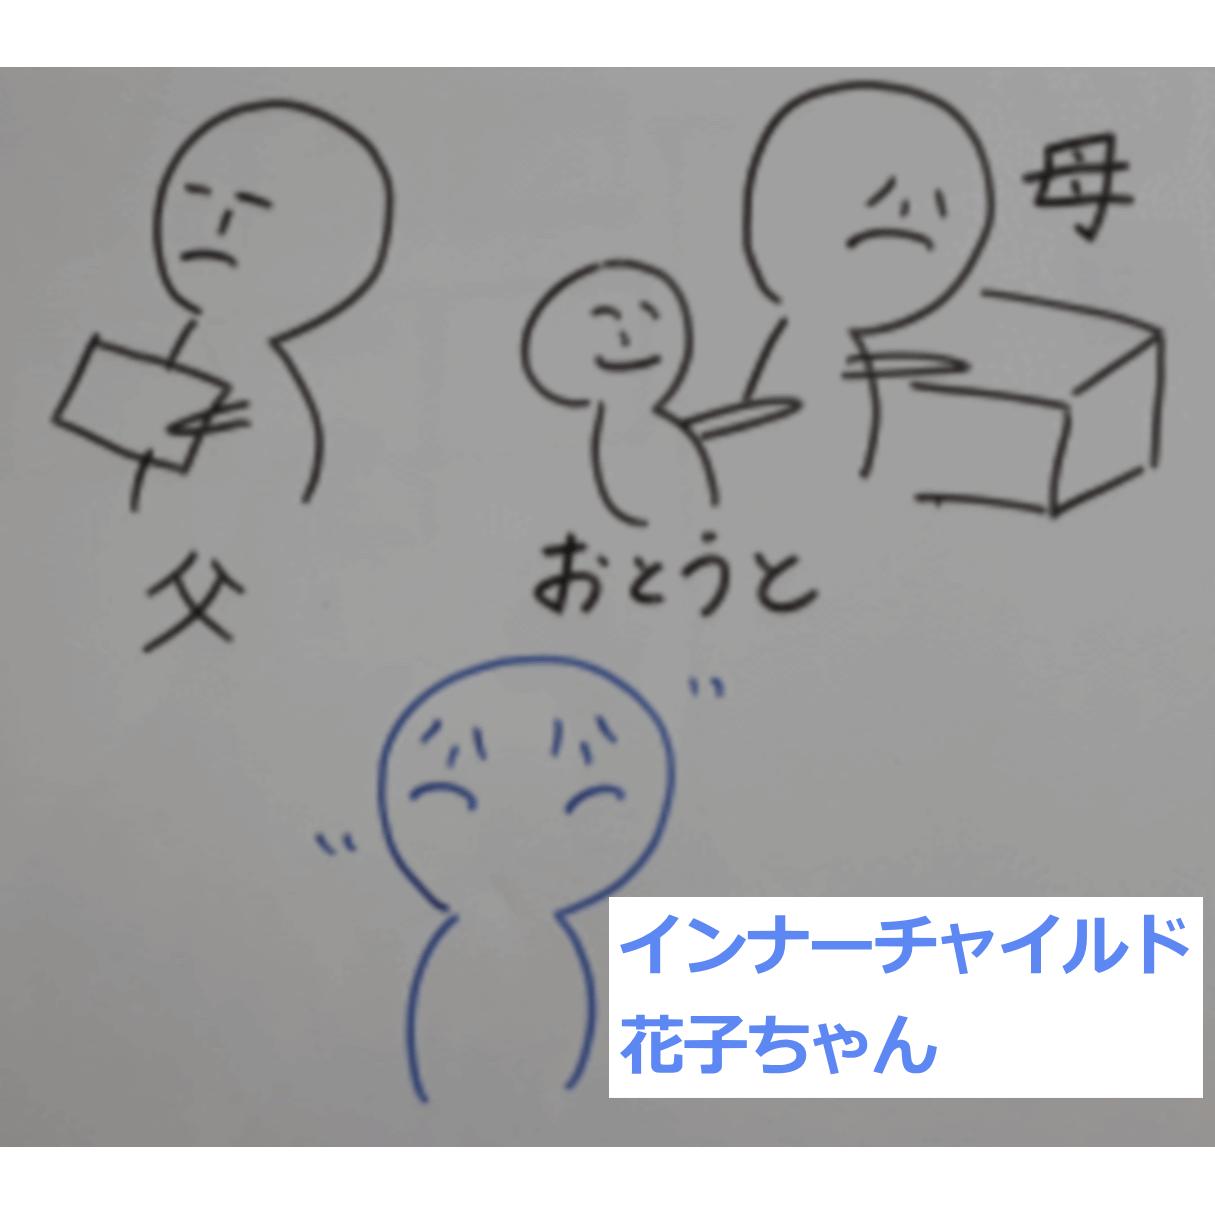 子供時代の家庭状況を描いたホワイトボードのイラスト